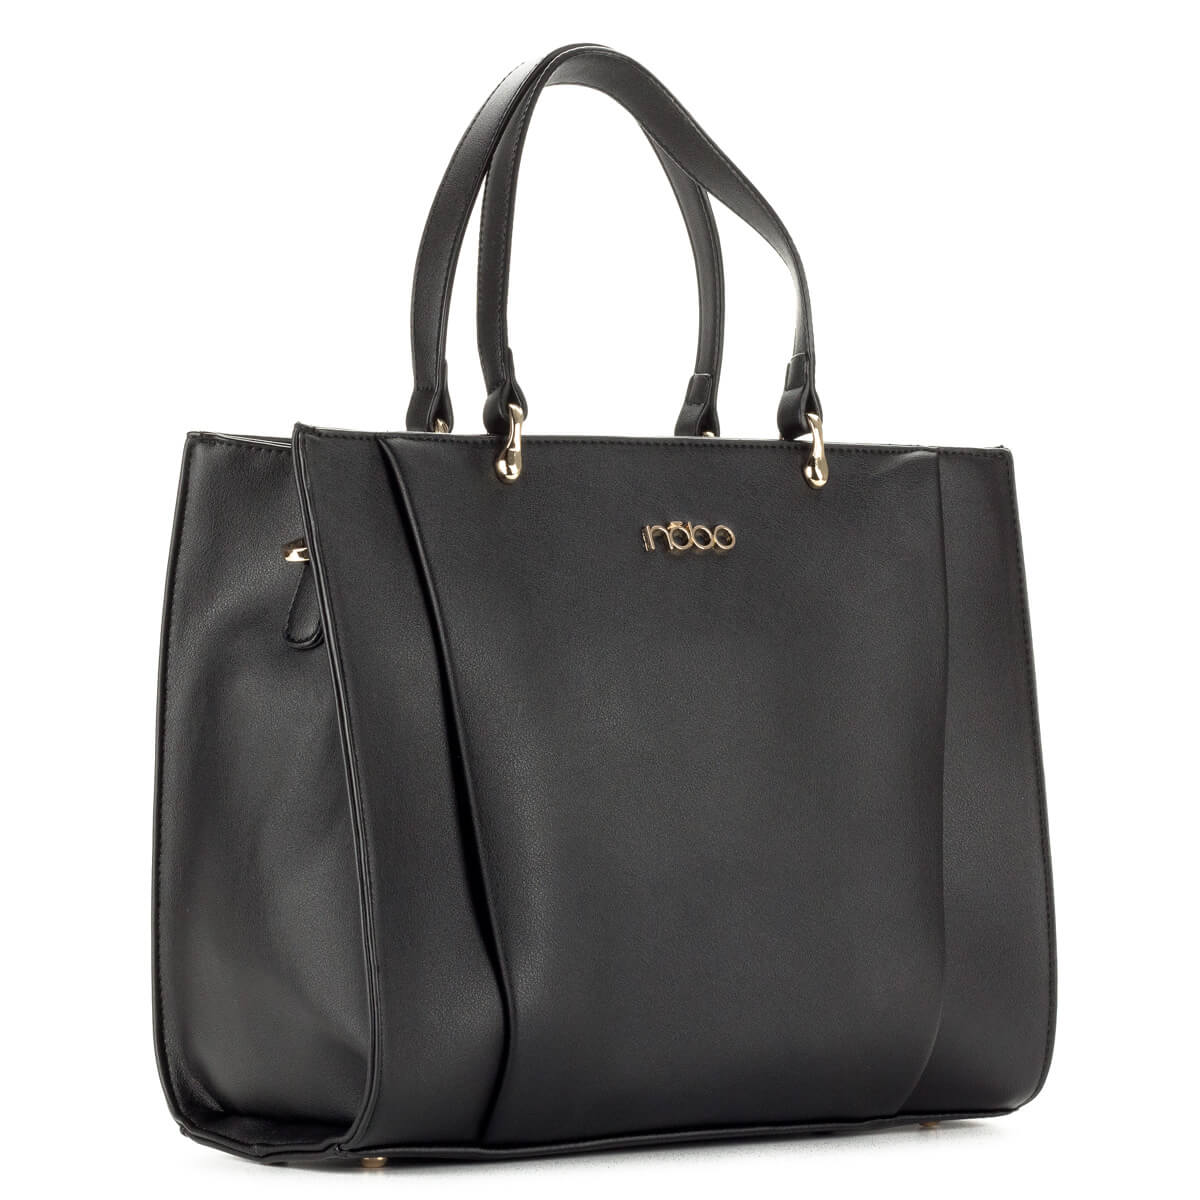 Fekete Nobo táska egybefüggő belső térrel, tartozék vállpánttal. Fém részei arany színűek